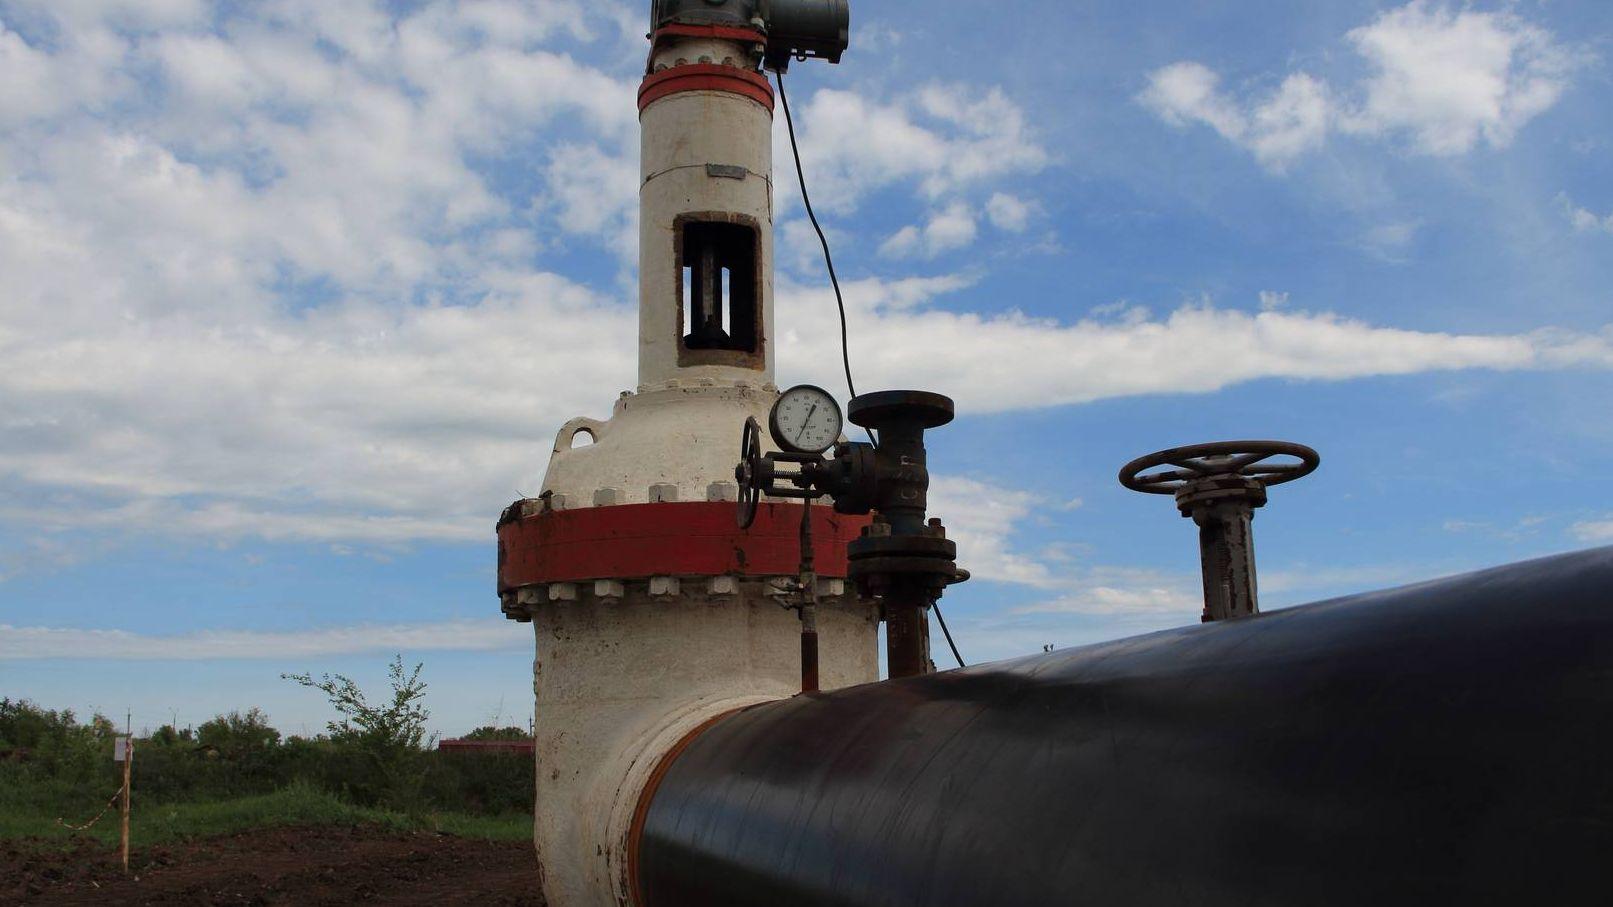 Нефтепровод. Трубы. Вентели.